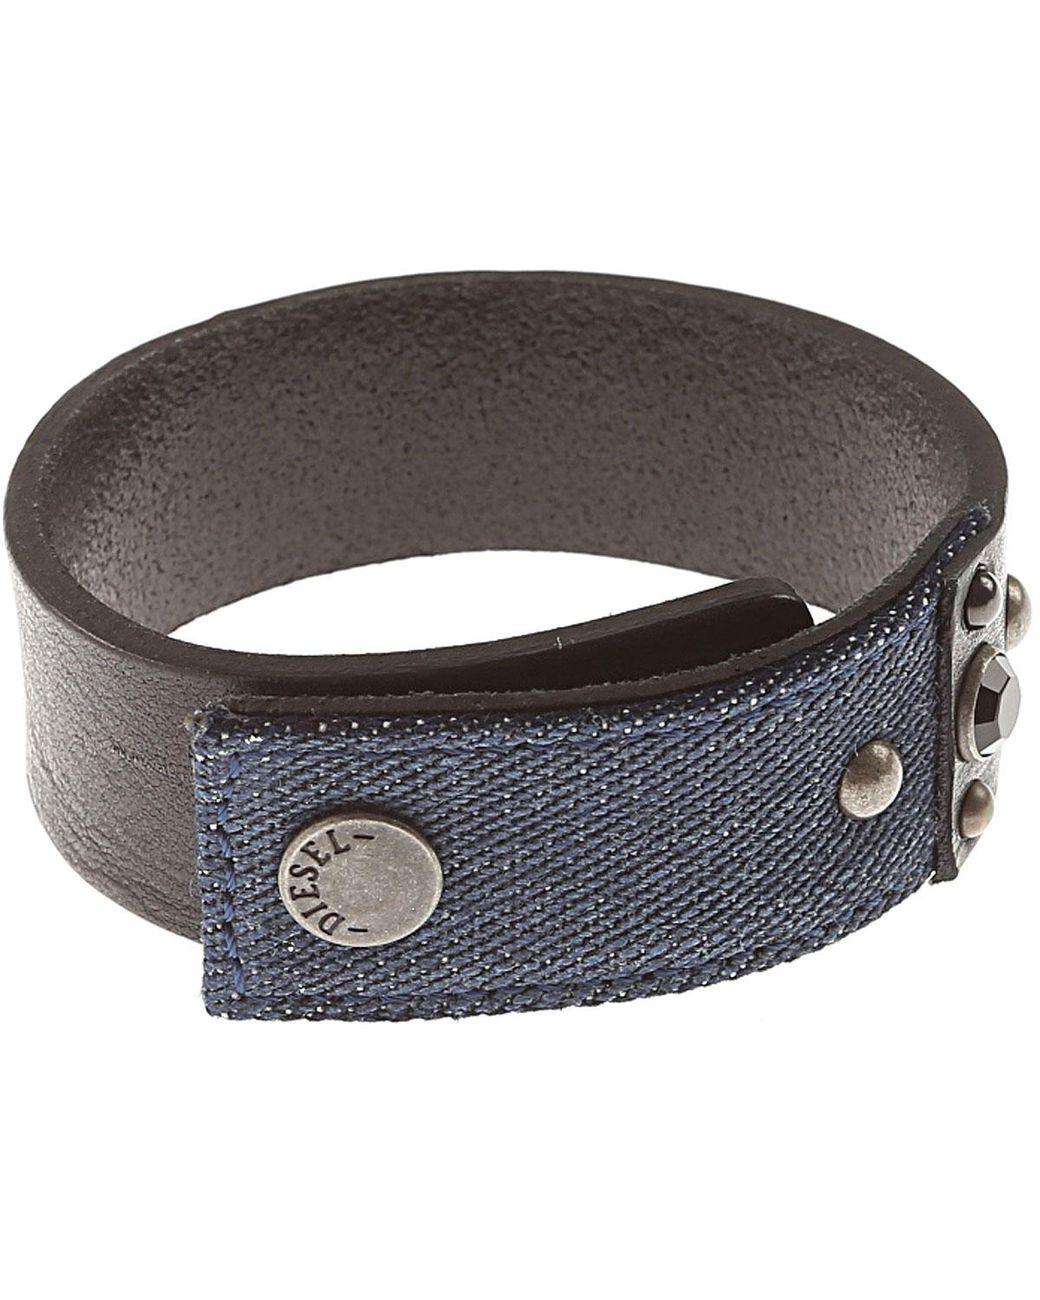 Outlet zu verkaufen Weg sparen billigsten Verkauf Armband für Herren Günstig im Outlet Sale in schwarz